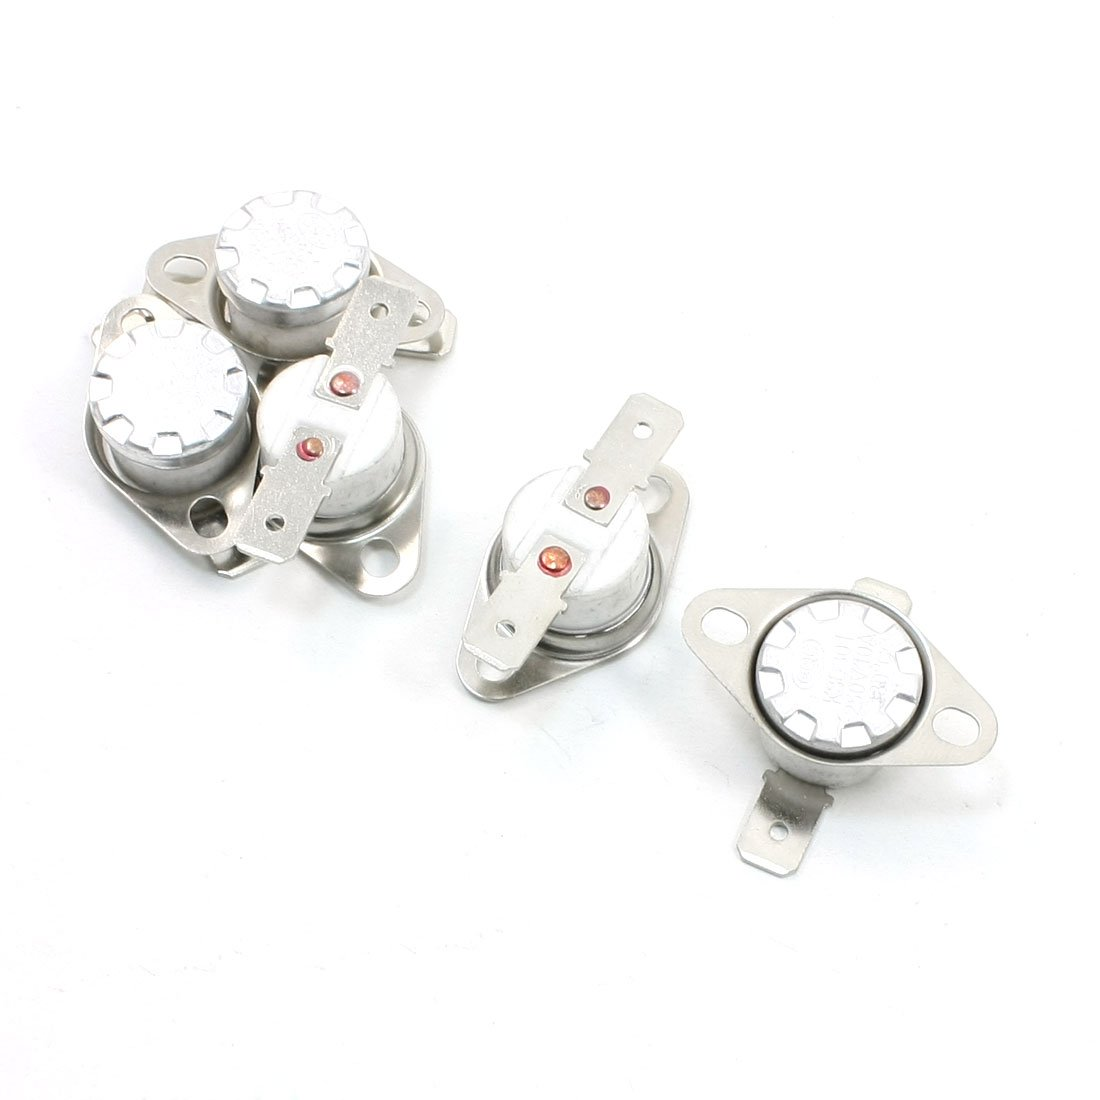 uxcell 5 Pcs 180 Celsius 250VAC 10A NC Ceramic Thermostat KSD301